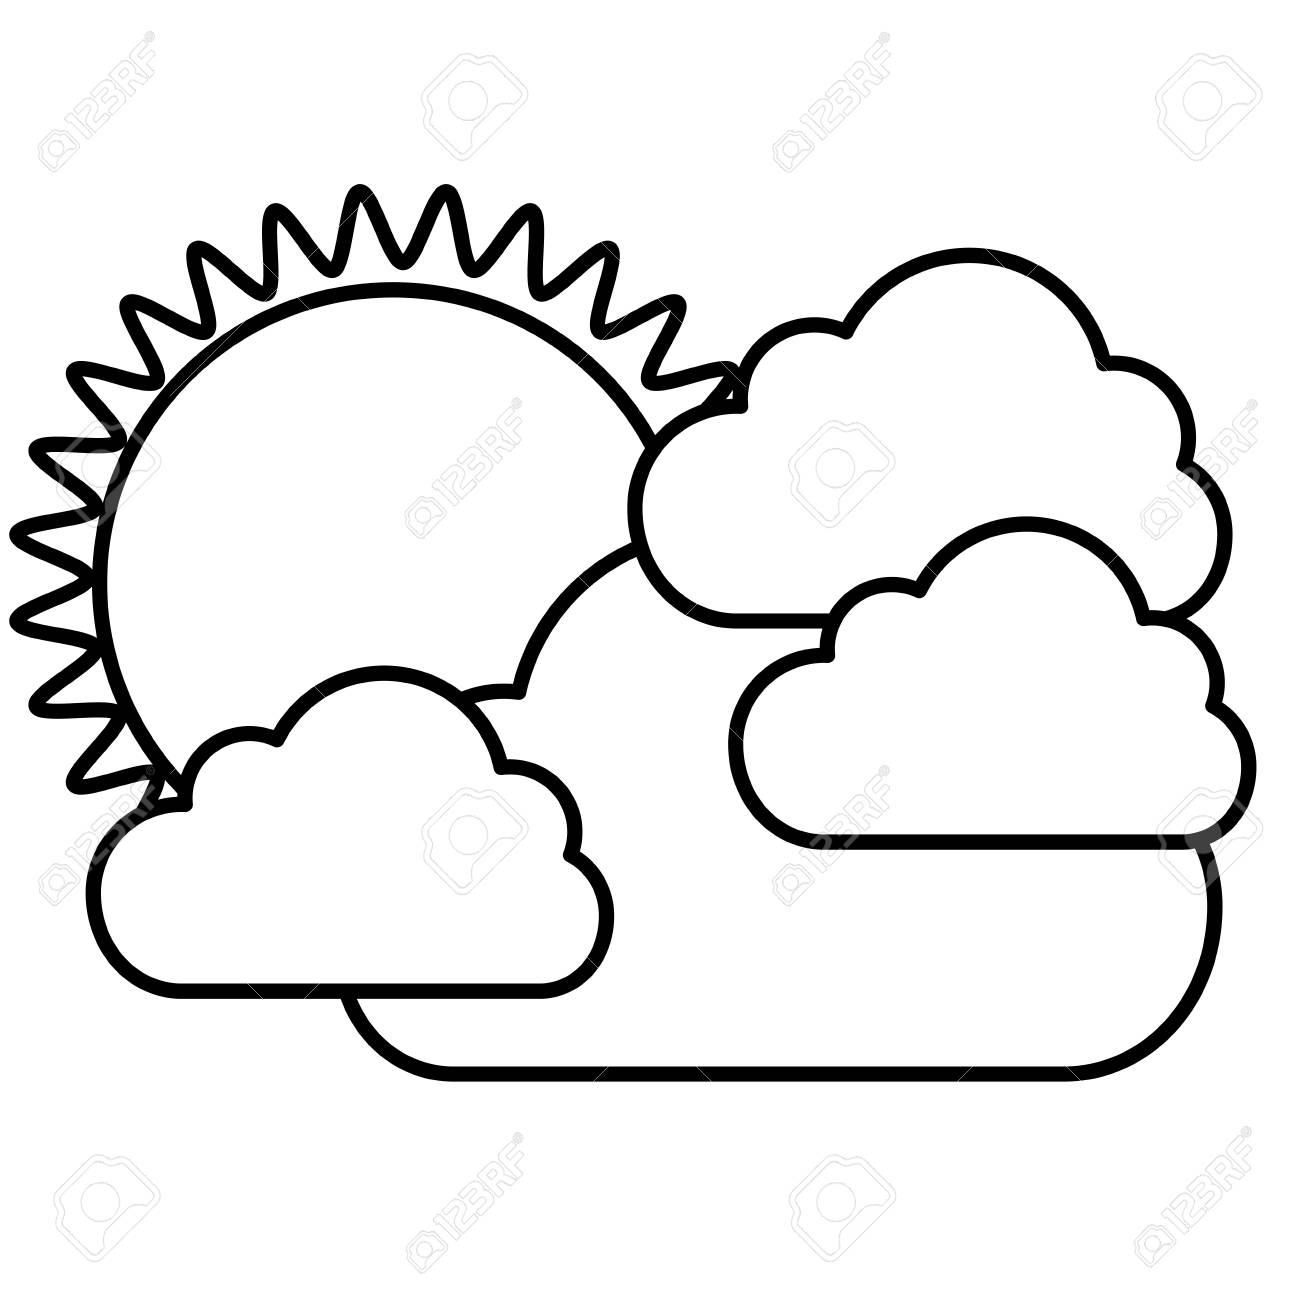 Silhouette Autocollant Soleil Avec Icone De Nuages Image De Dessin Vectoriel Illustraction Clip Art Libres De Droits Vecteurs Et Illustration Image 72807119